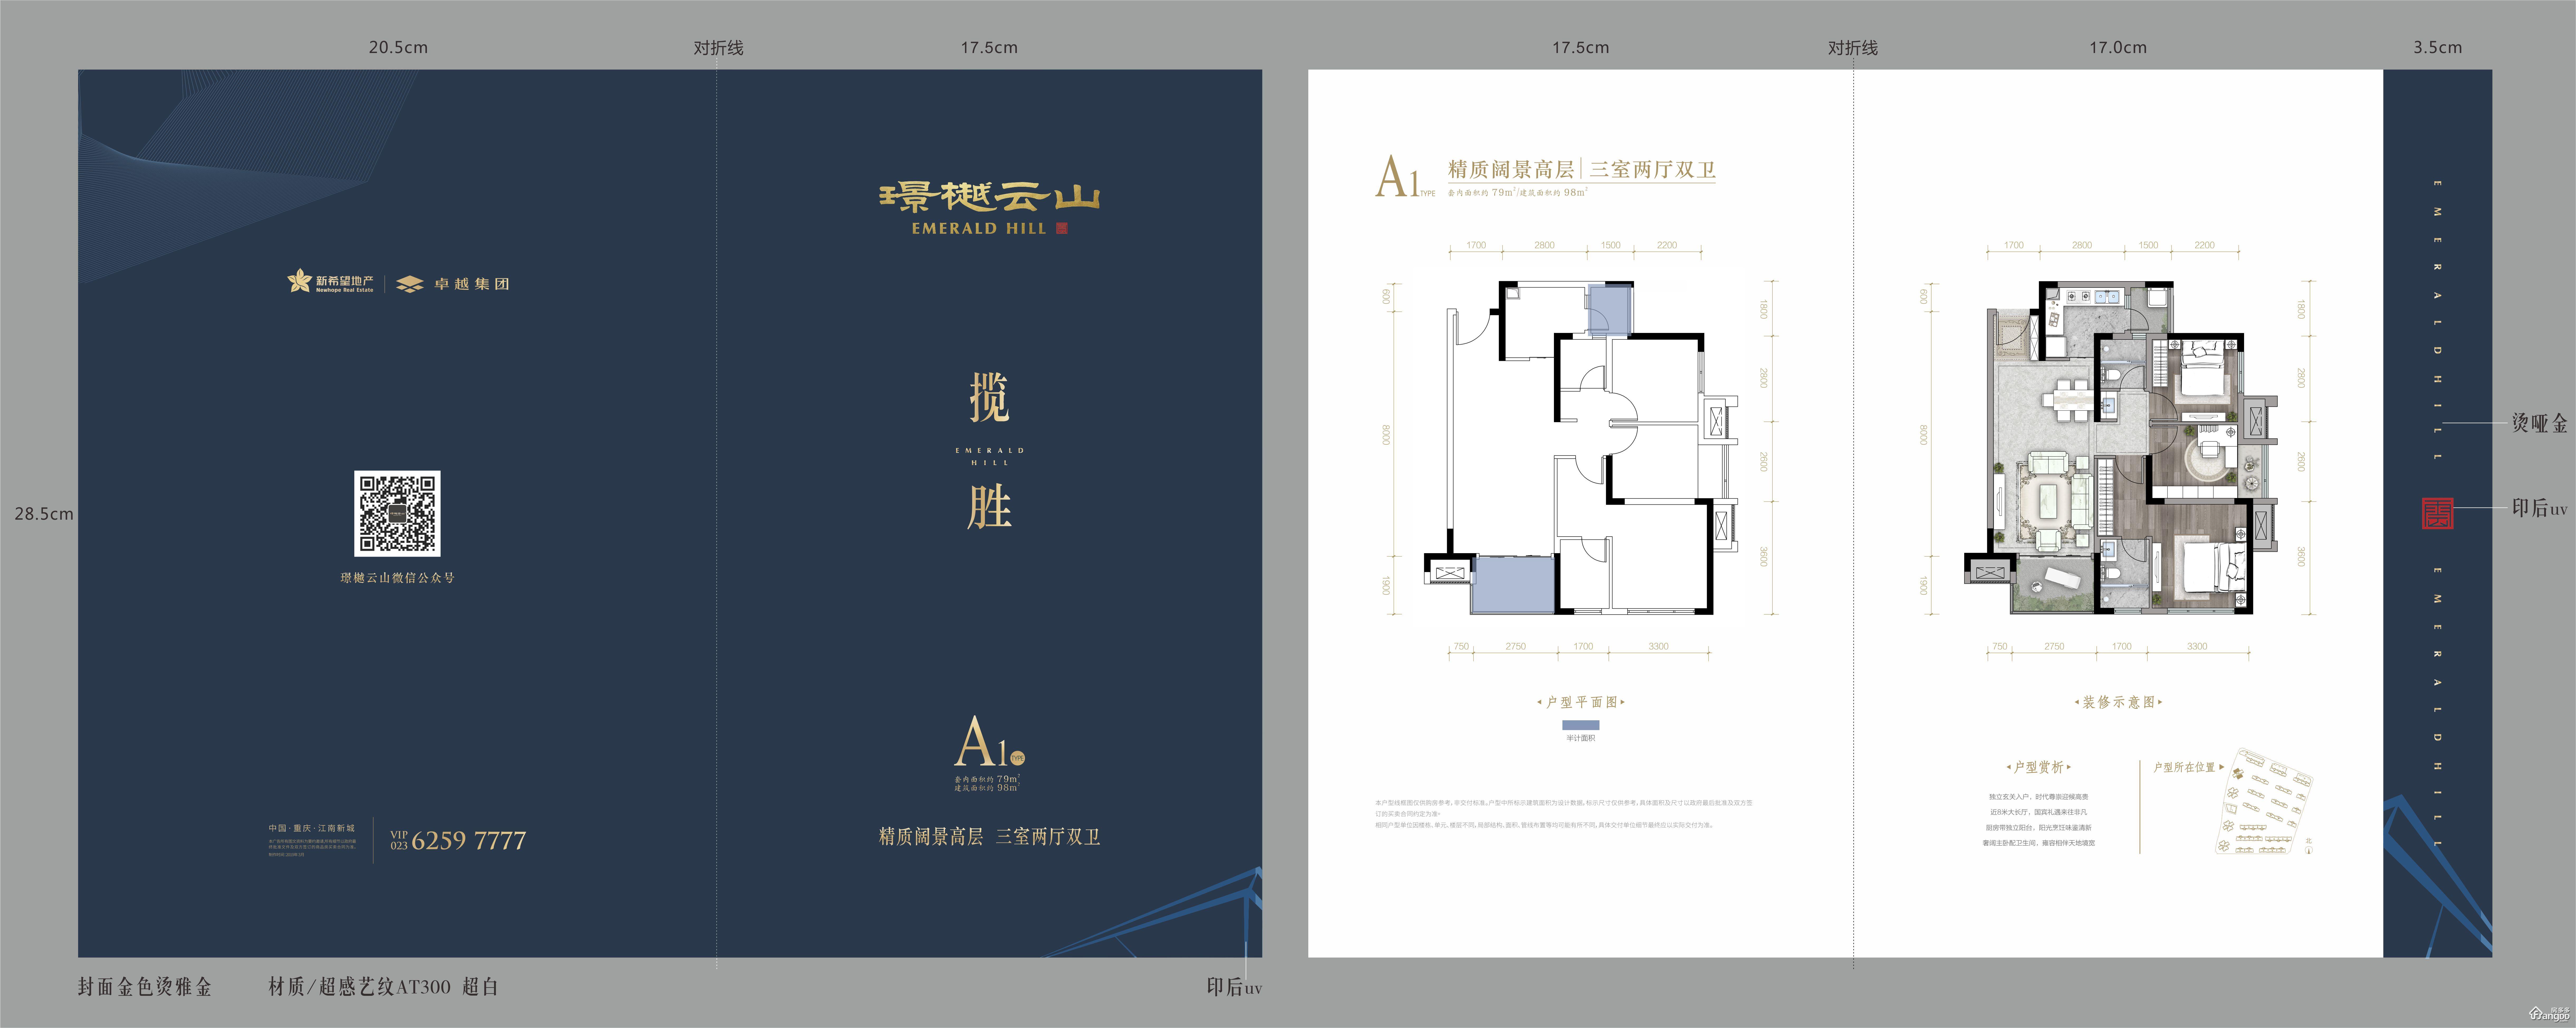 璟樾云山3室2厅2卫户型图